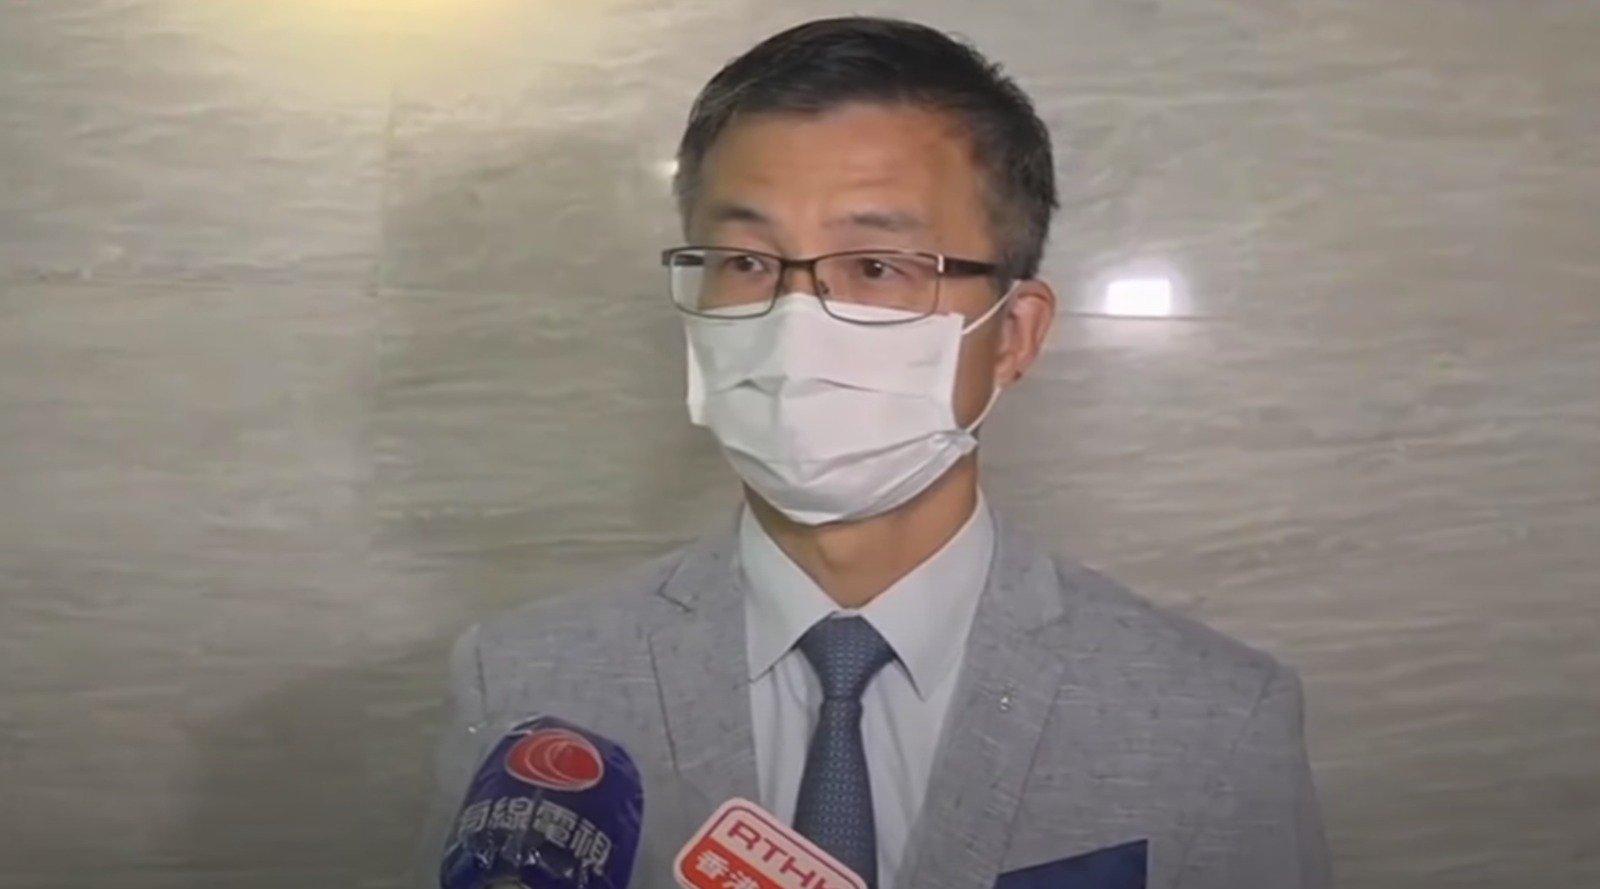 繼近日歷史科委員會秘書楊穎宇辭職之後,香港考試及評核局8月17日公佈,秘書長蘇國生將在明年3月完成任期後離職。(影片截圖)